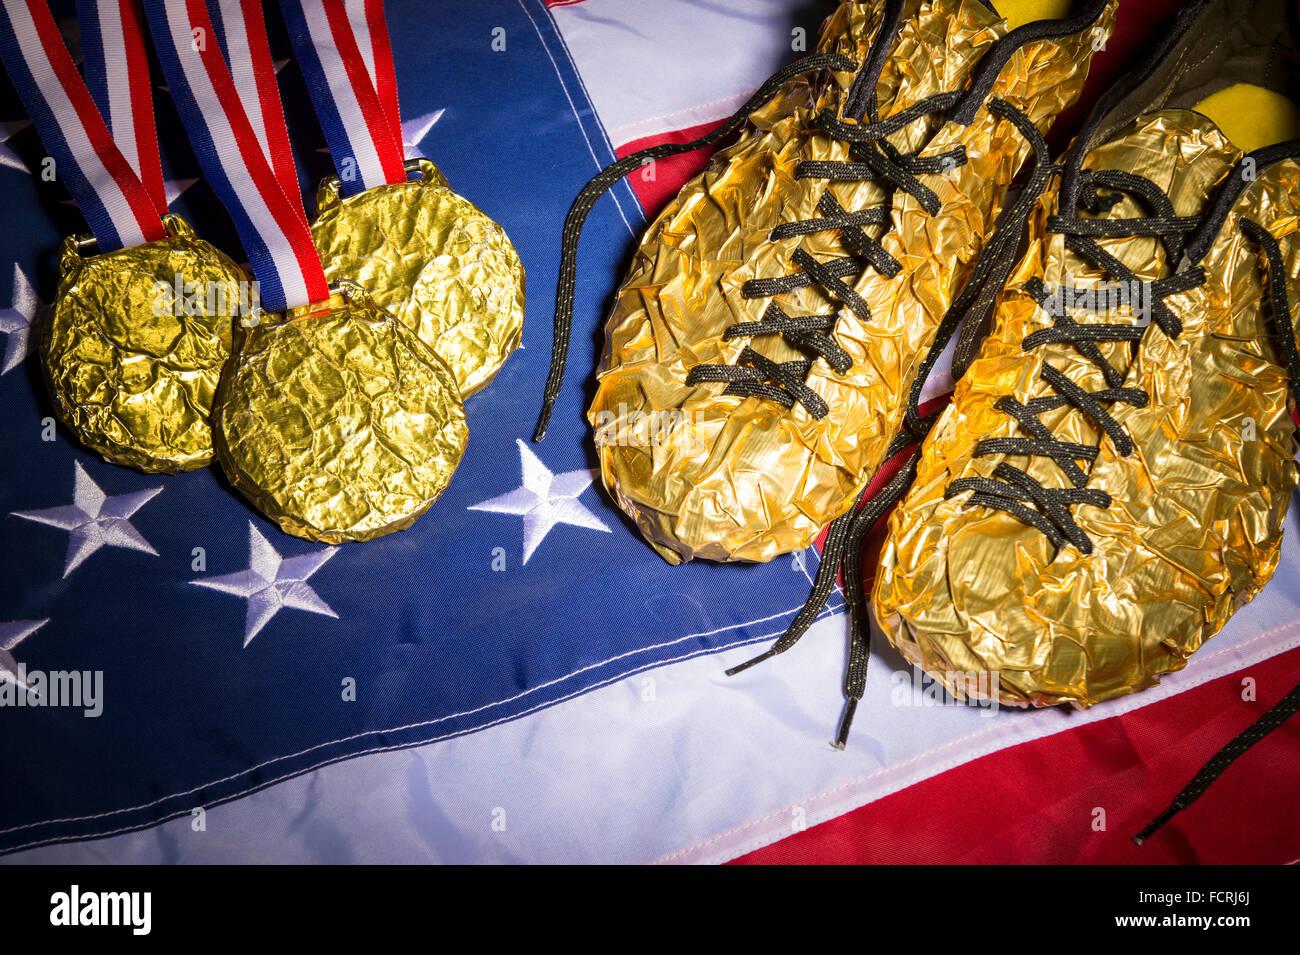 Race Life Running Medals Stockfotos & Race Life Running